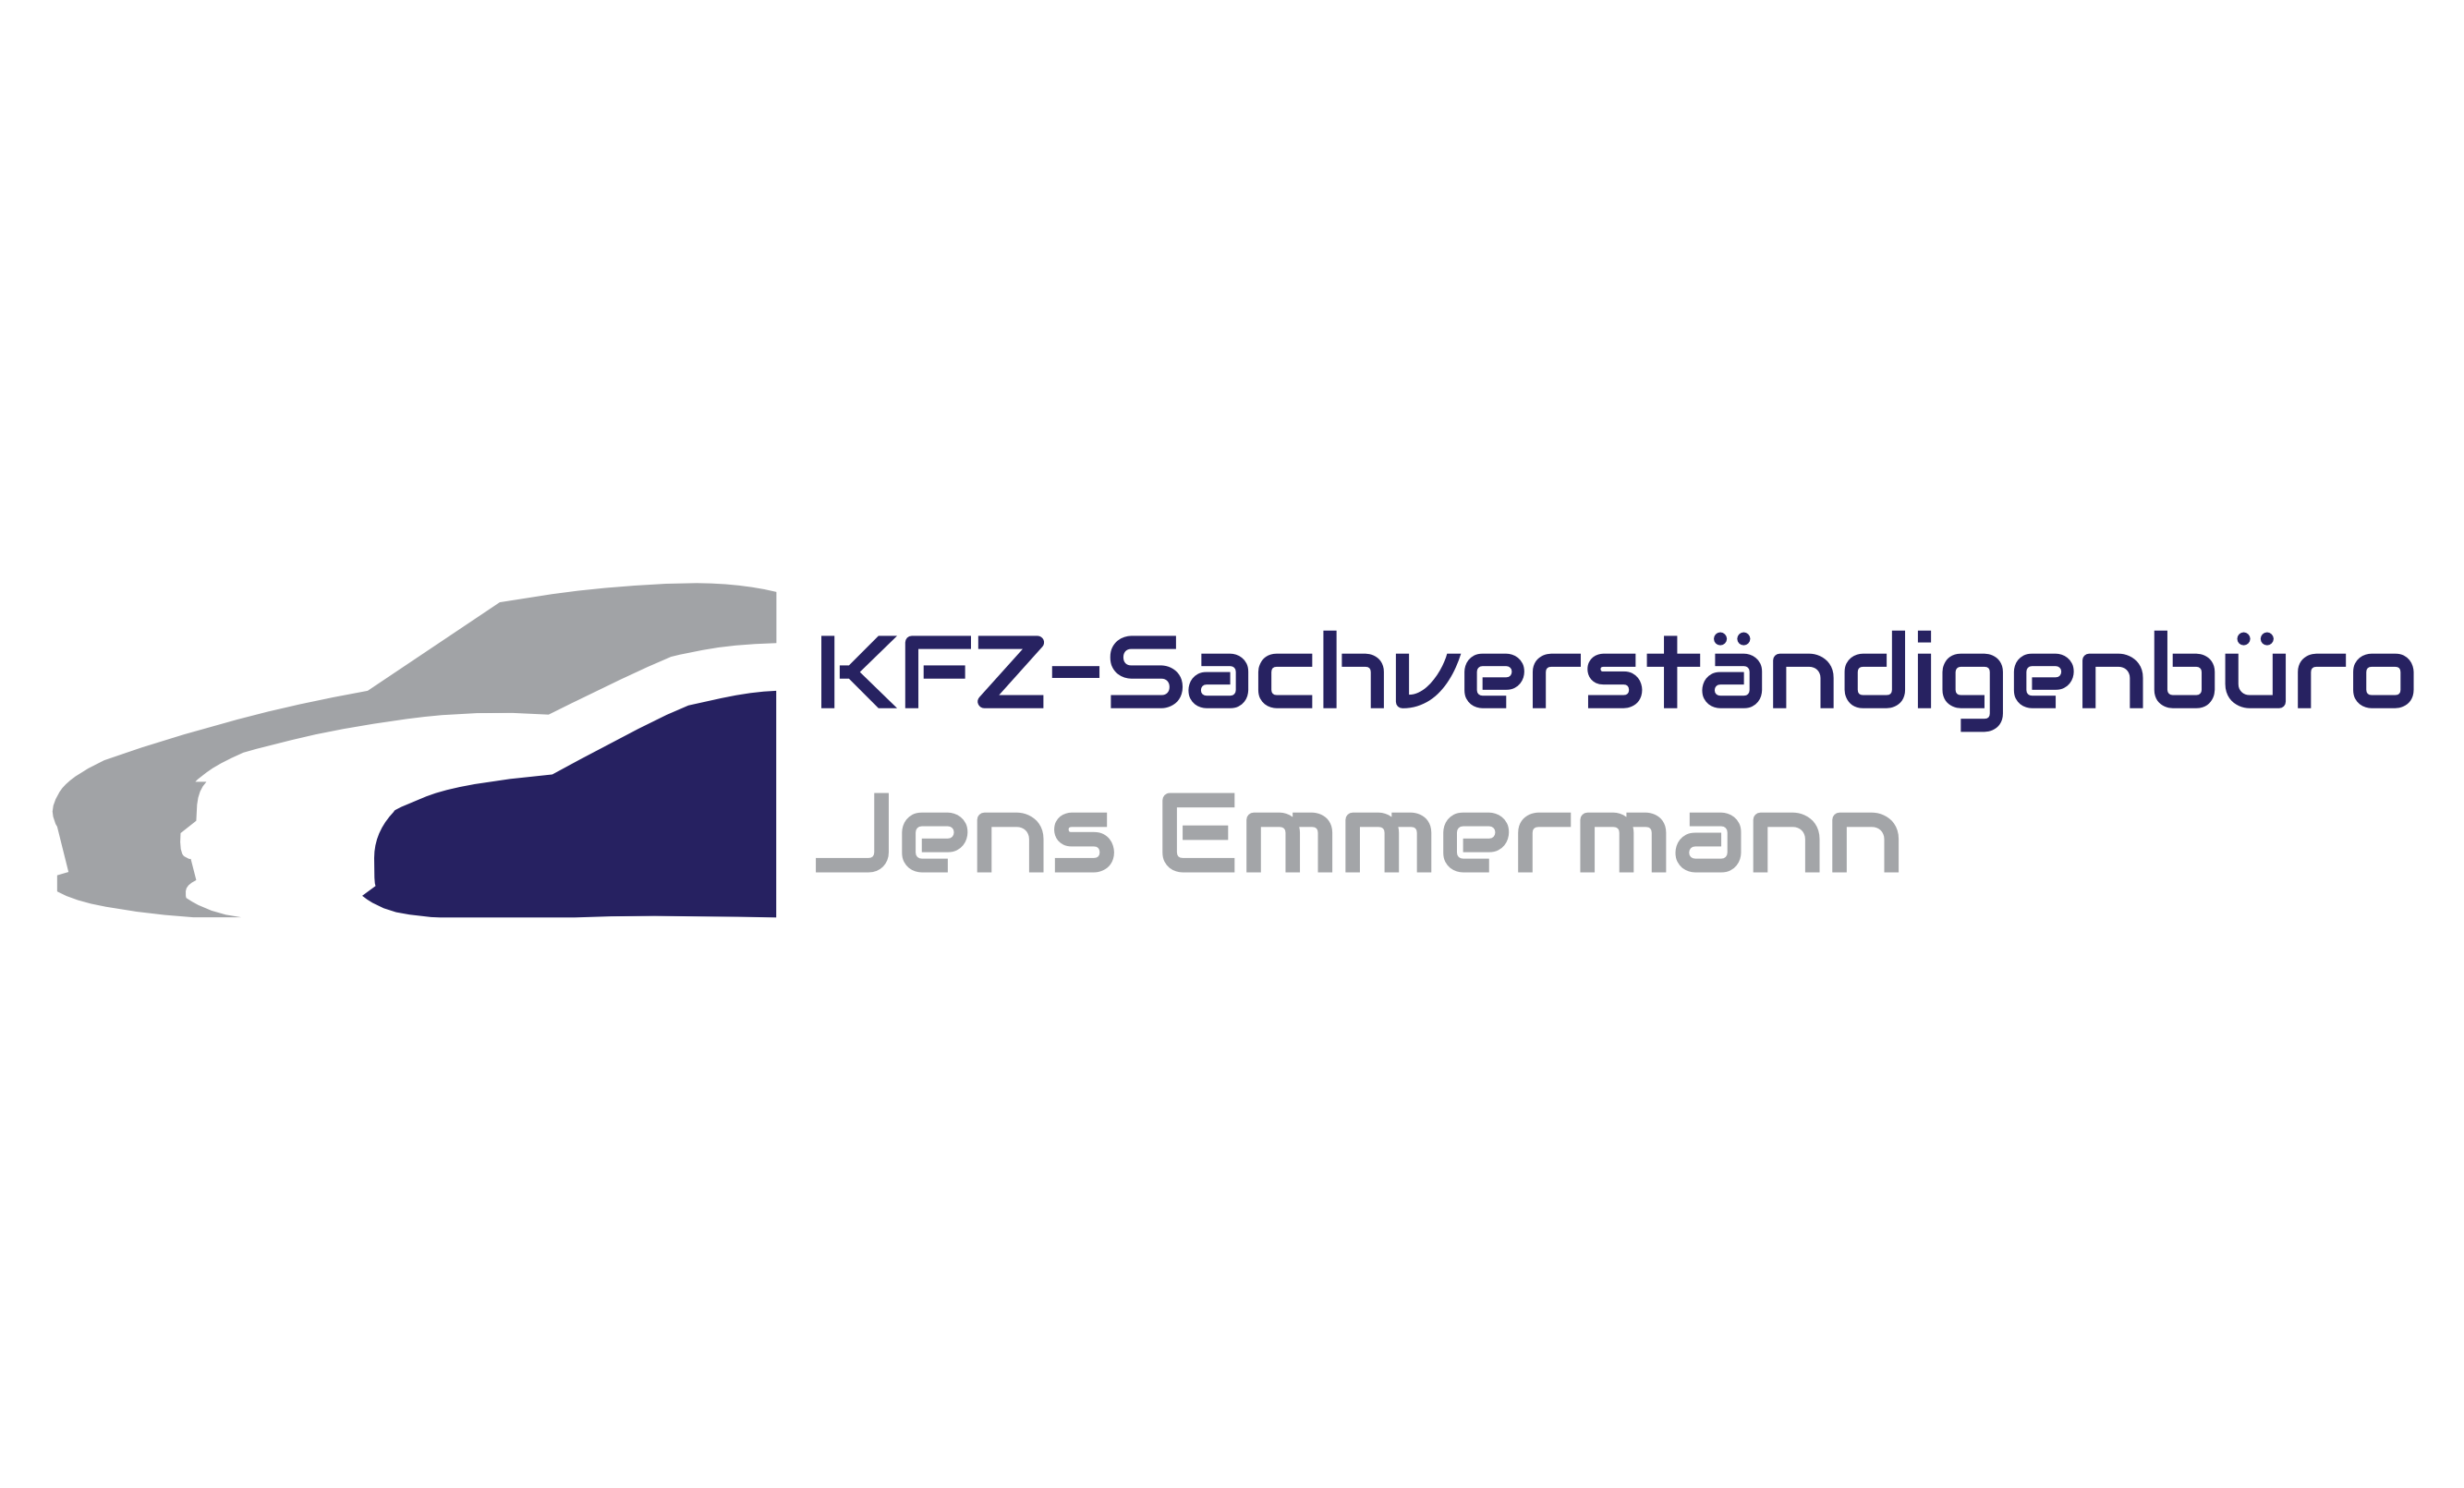 KFZ-Sachverständigenbüro Jens Emmermann